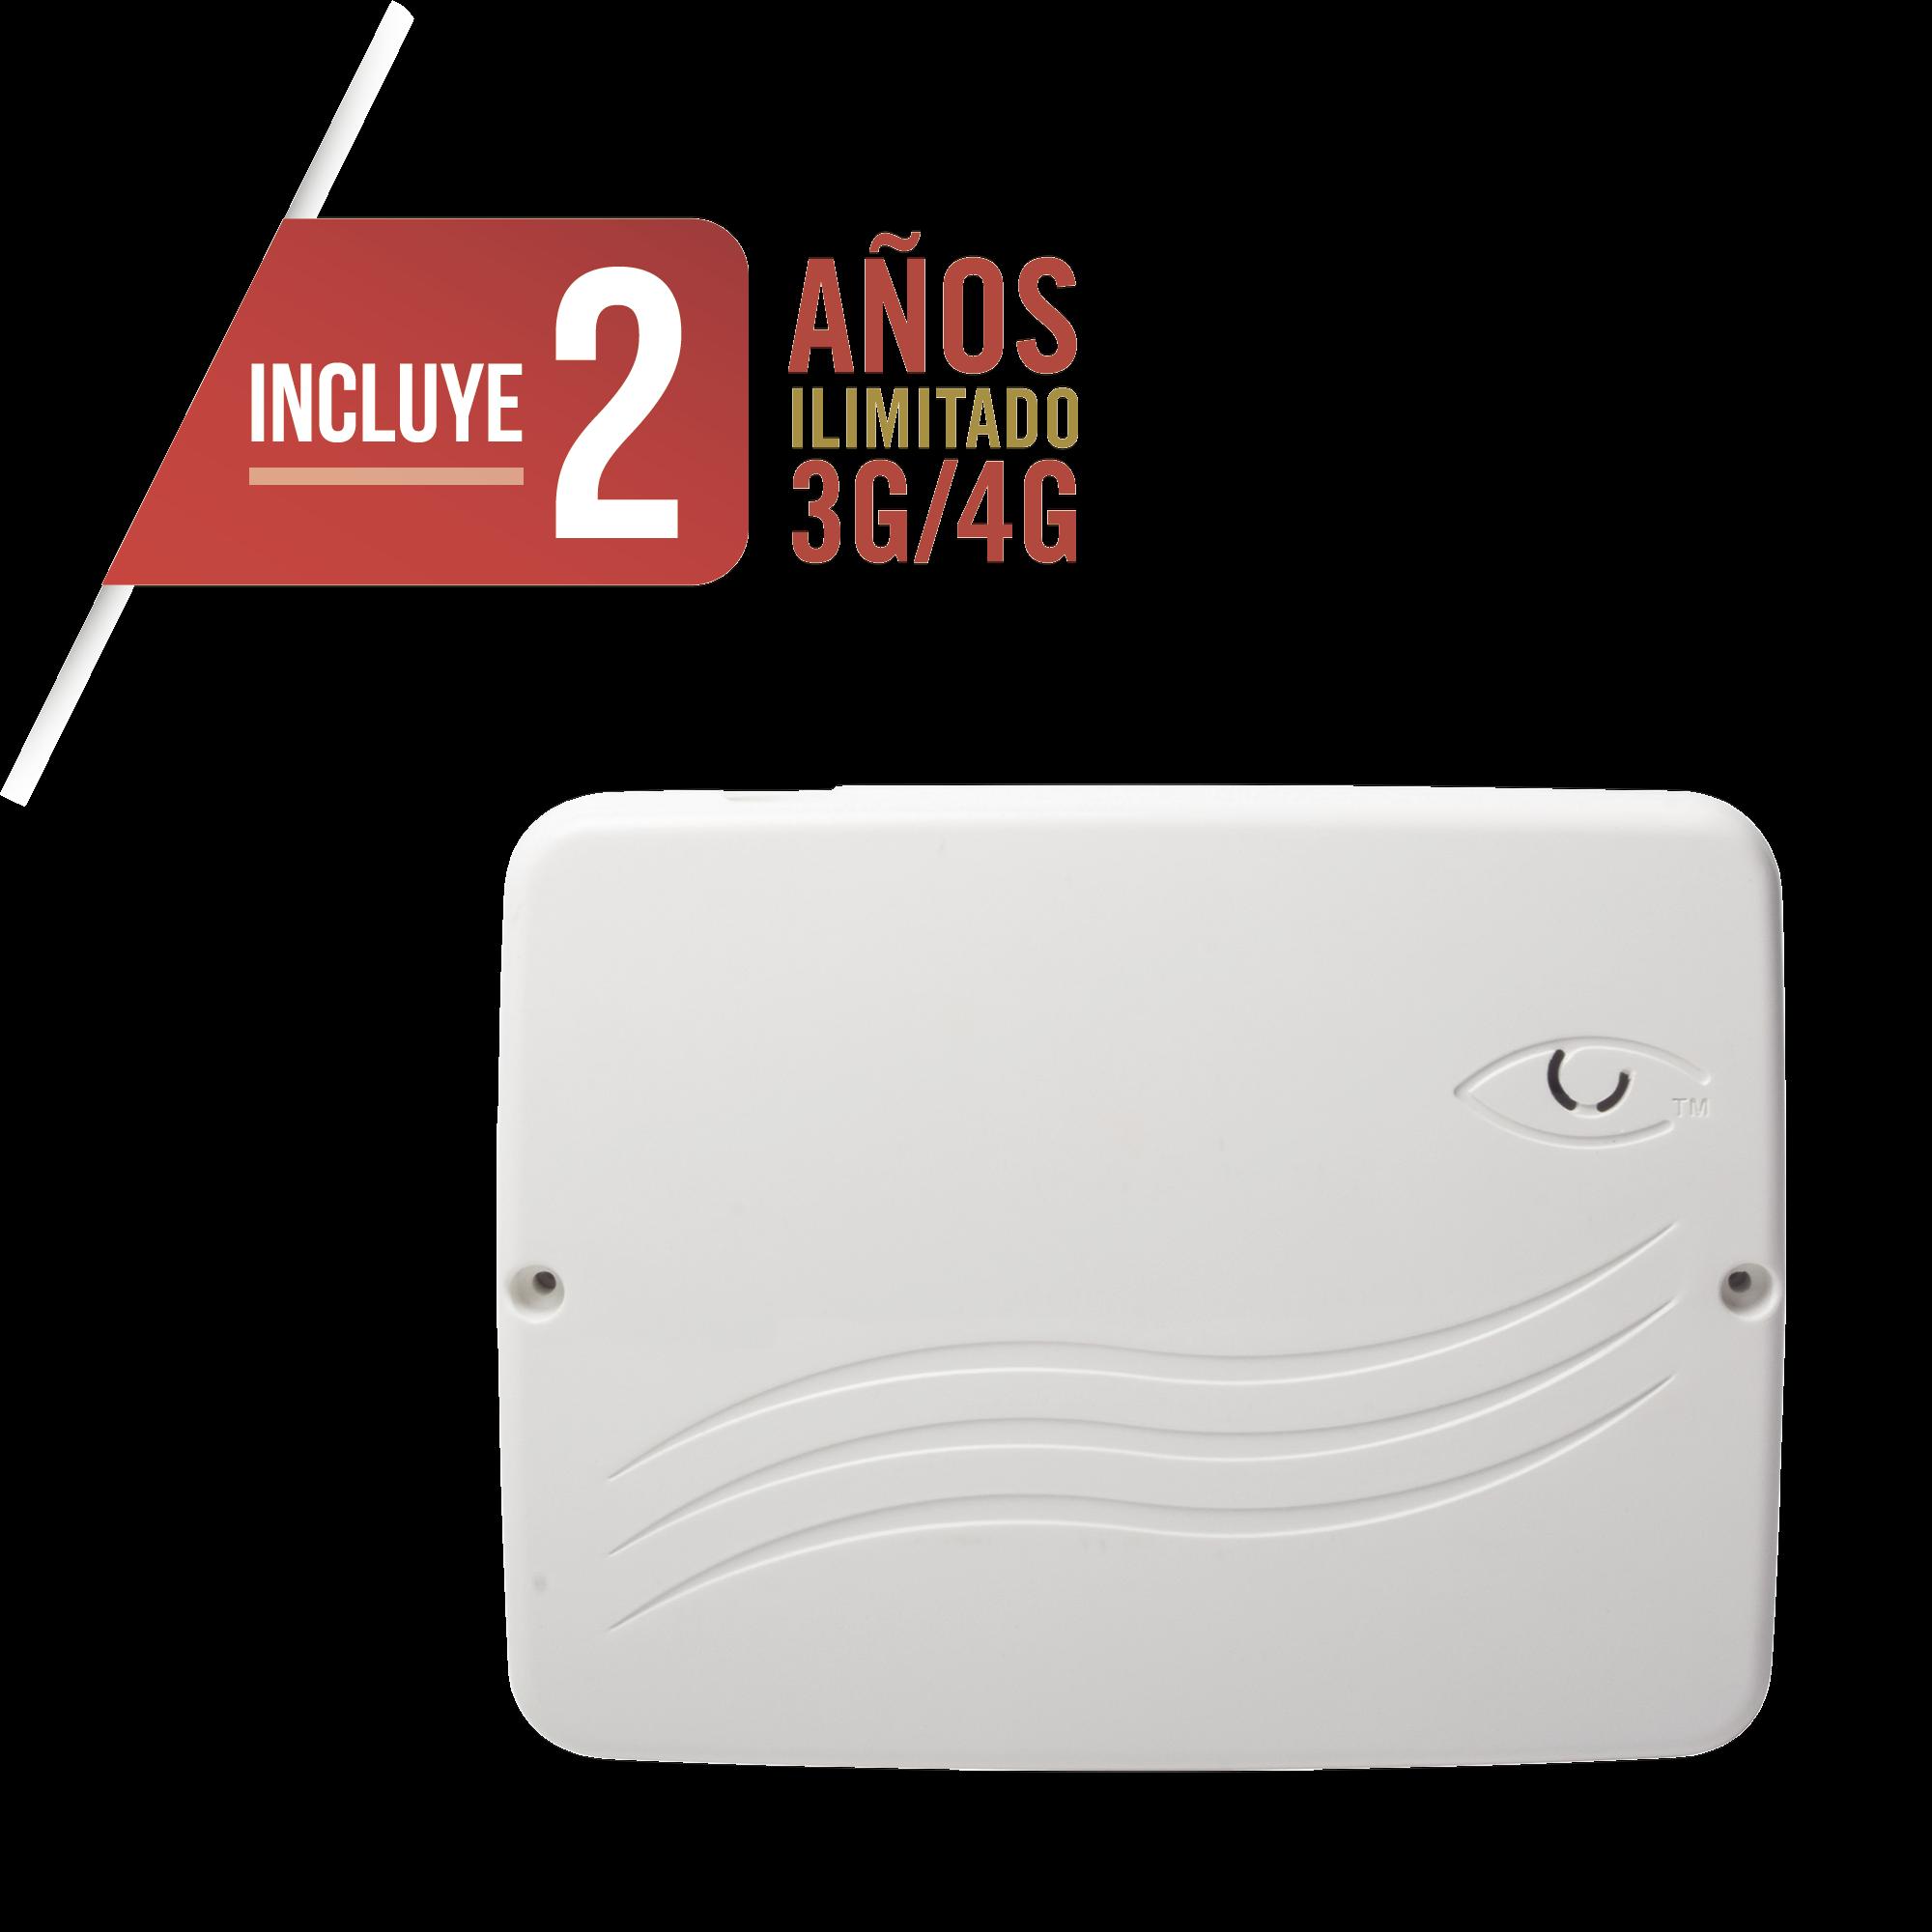 Panel de Alarma Cloud Híbrido 4G LTE / 8 Zonas Cableadas, 32 Inalámbricas / INCLUYE 2 AñOS 3G/4GLTE ILIMITADOS / Programación 100% vía WEB / ALTA SEGURIDAD